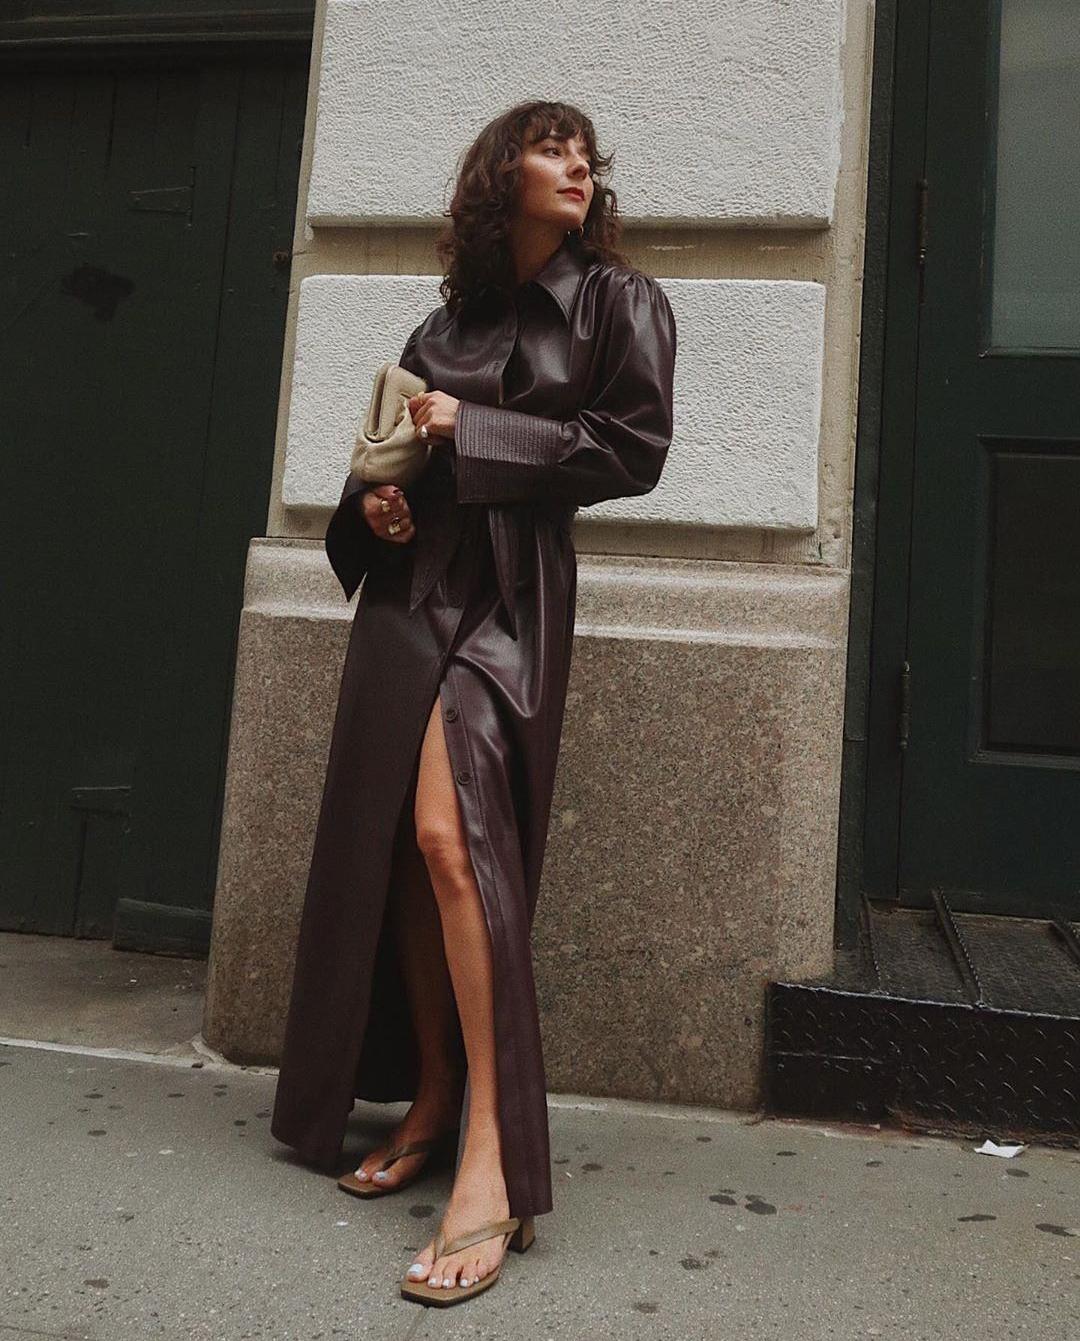 sukienka skórzana dziewczyna ściana